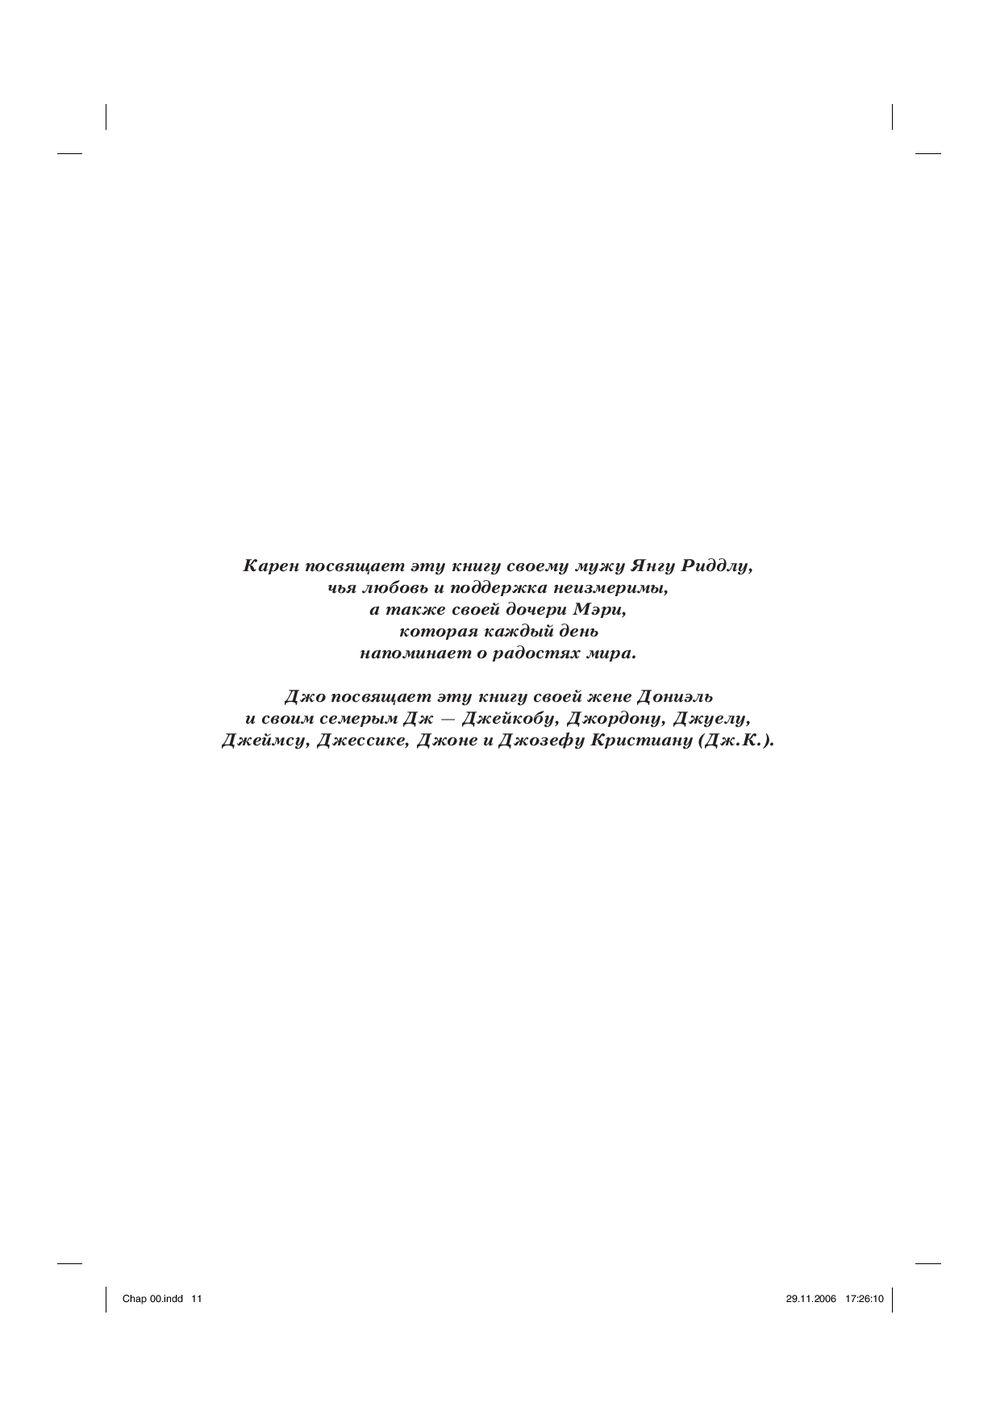 образец заполнения акта выполненных работ форма кс